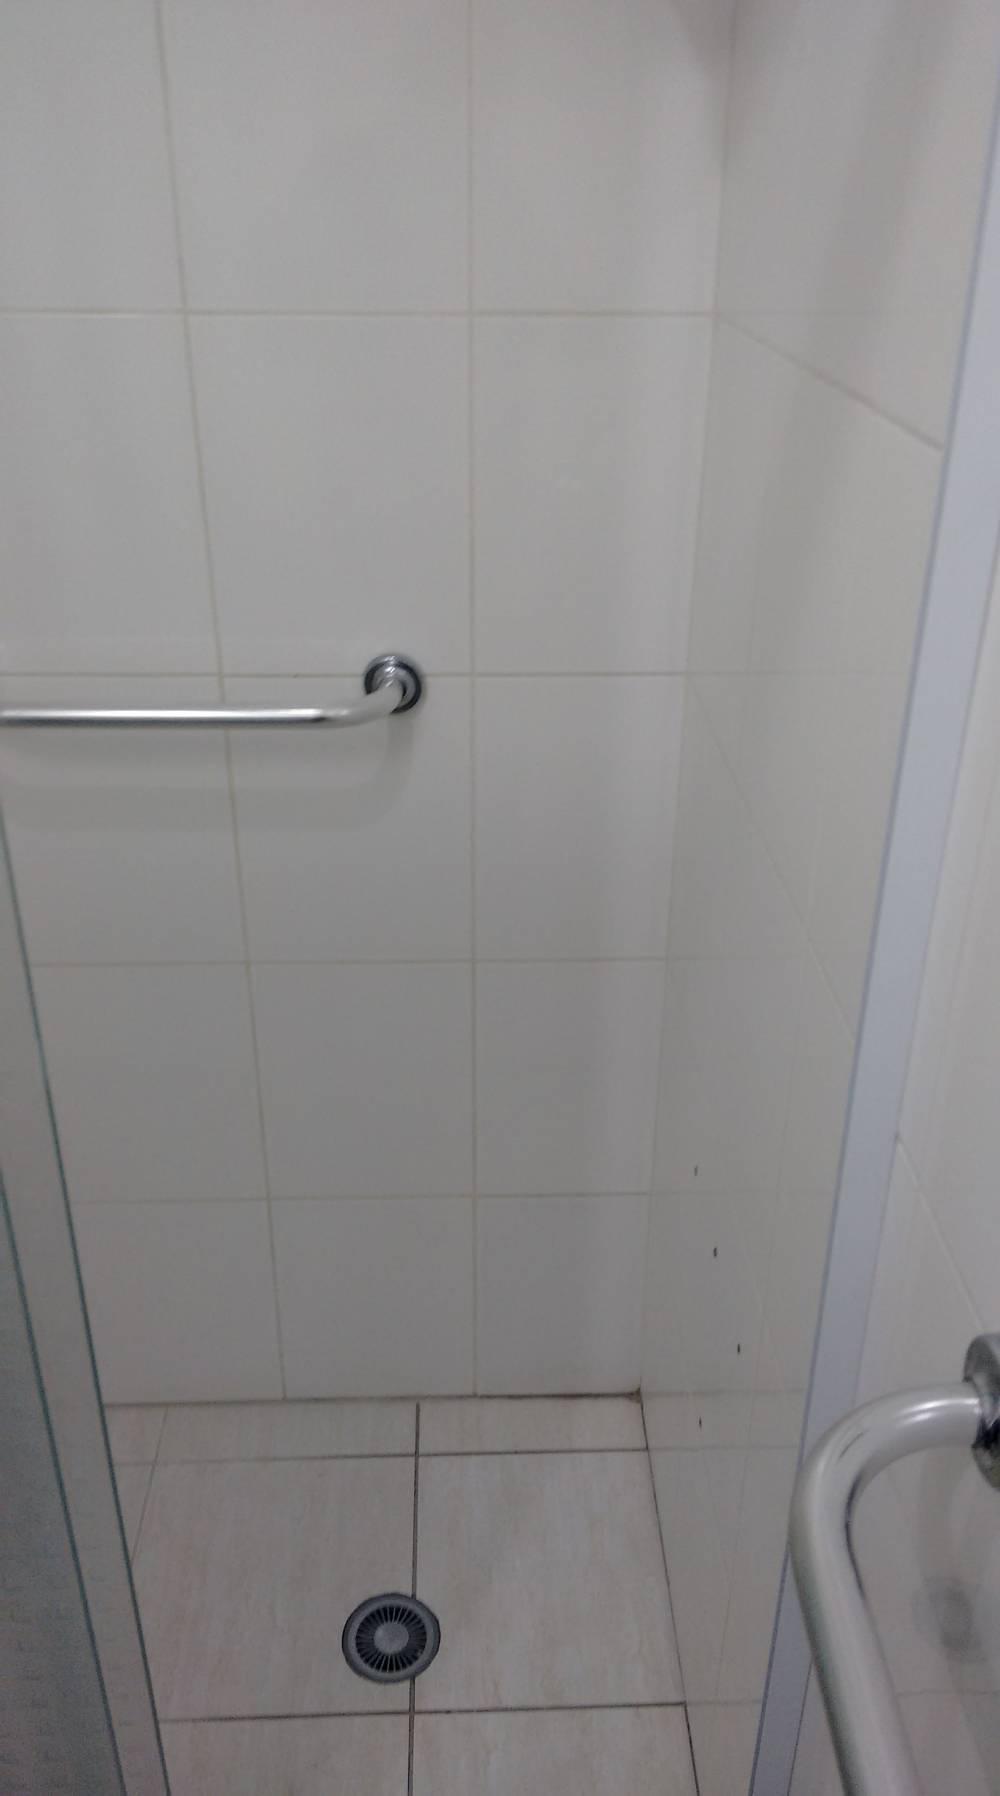 Preciso Fazer Reparos em Minha Residência no Olímpico - Reparos Residenciais na Zona Norte